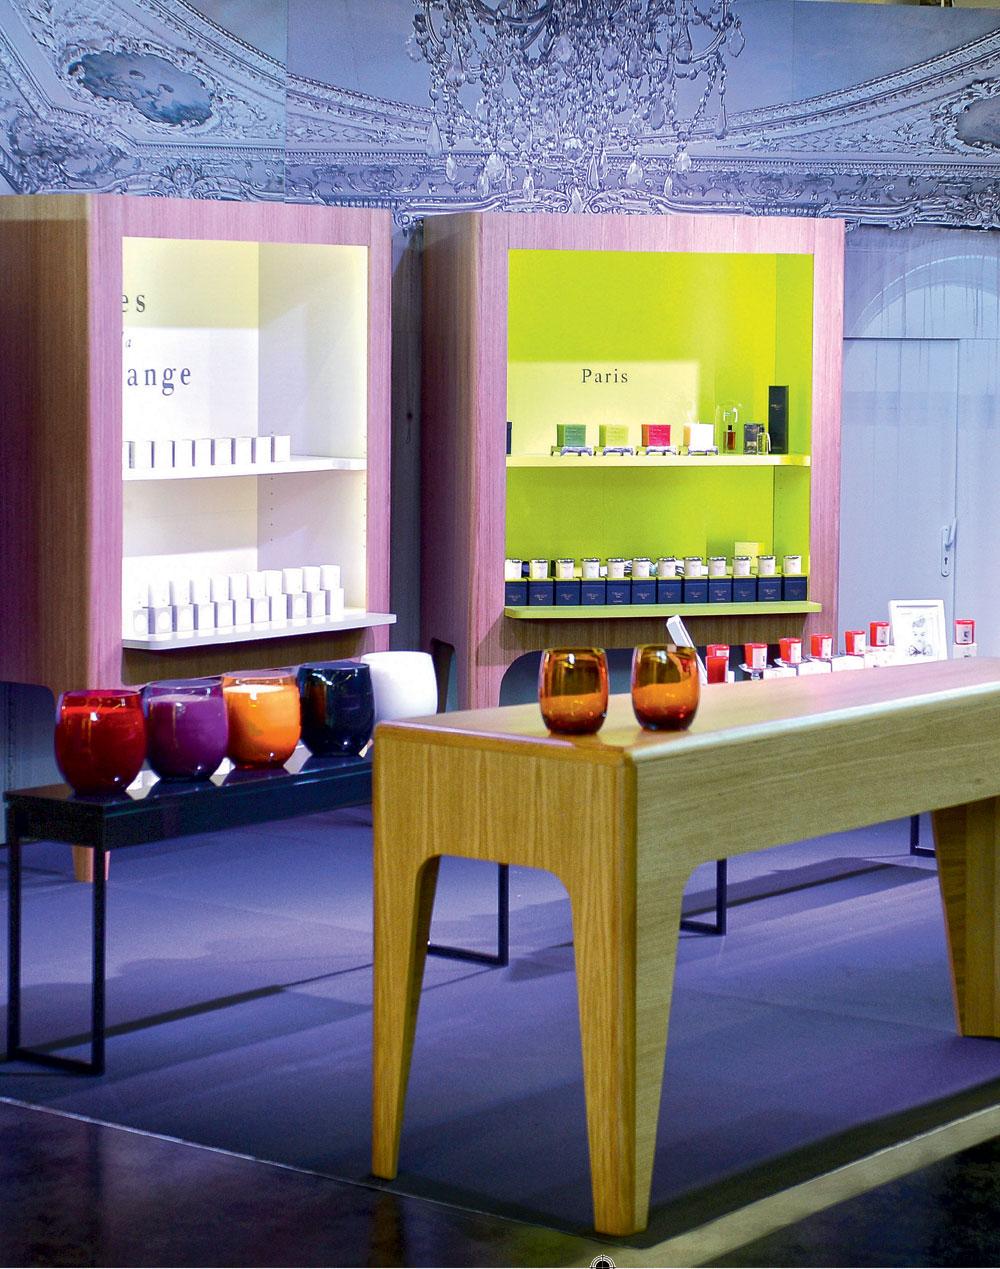 vernis de finition solvant simab fabricant peinture et vernis en vend e. Black Bedroom Furniture Sets. Home Design Ideas